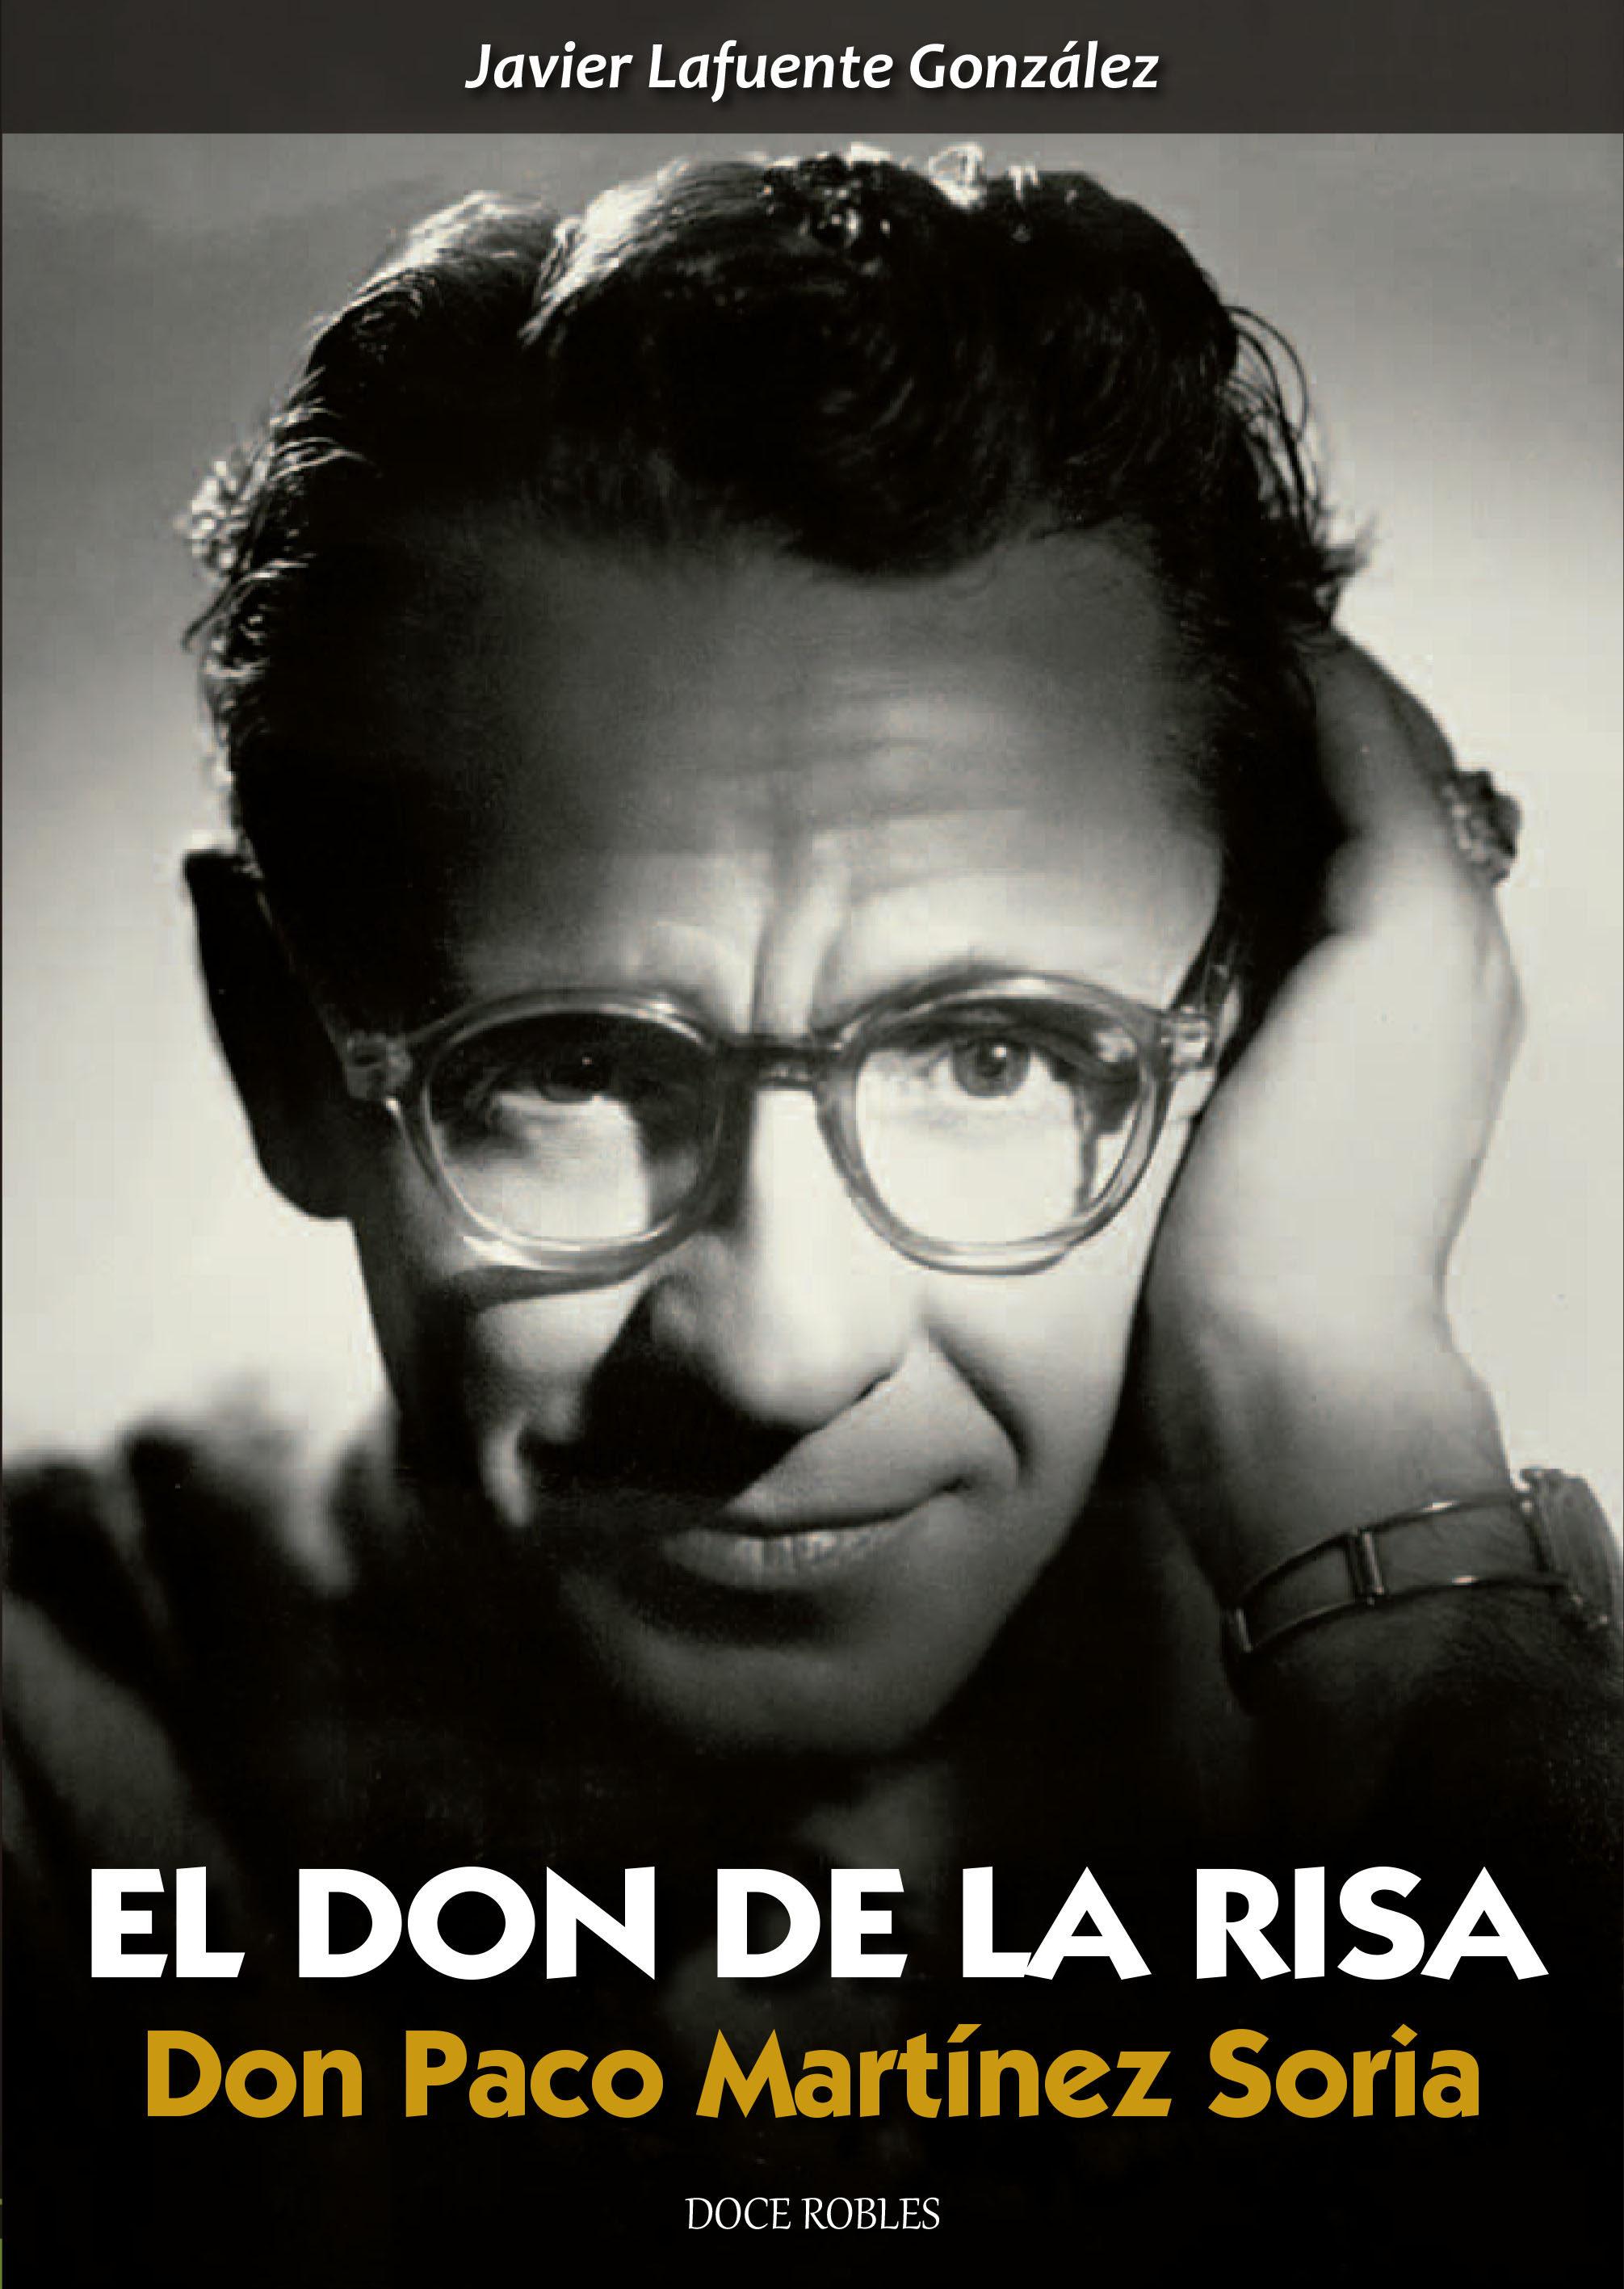 El Don De La Risa: Don Paco Martínez Soria por Javier Lafuente